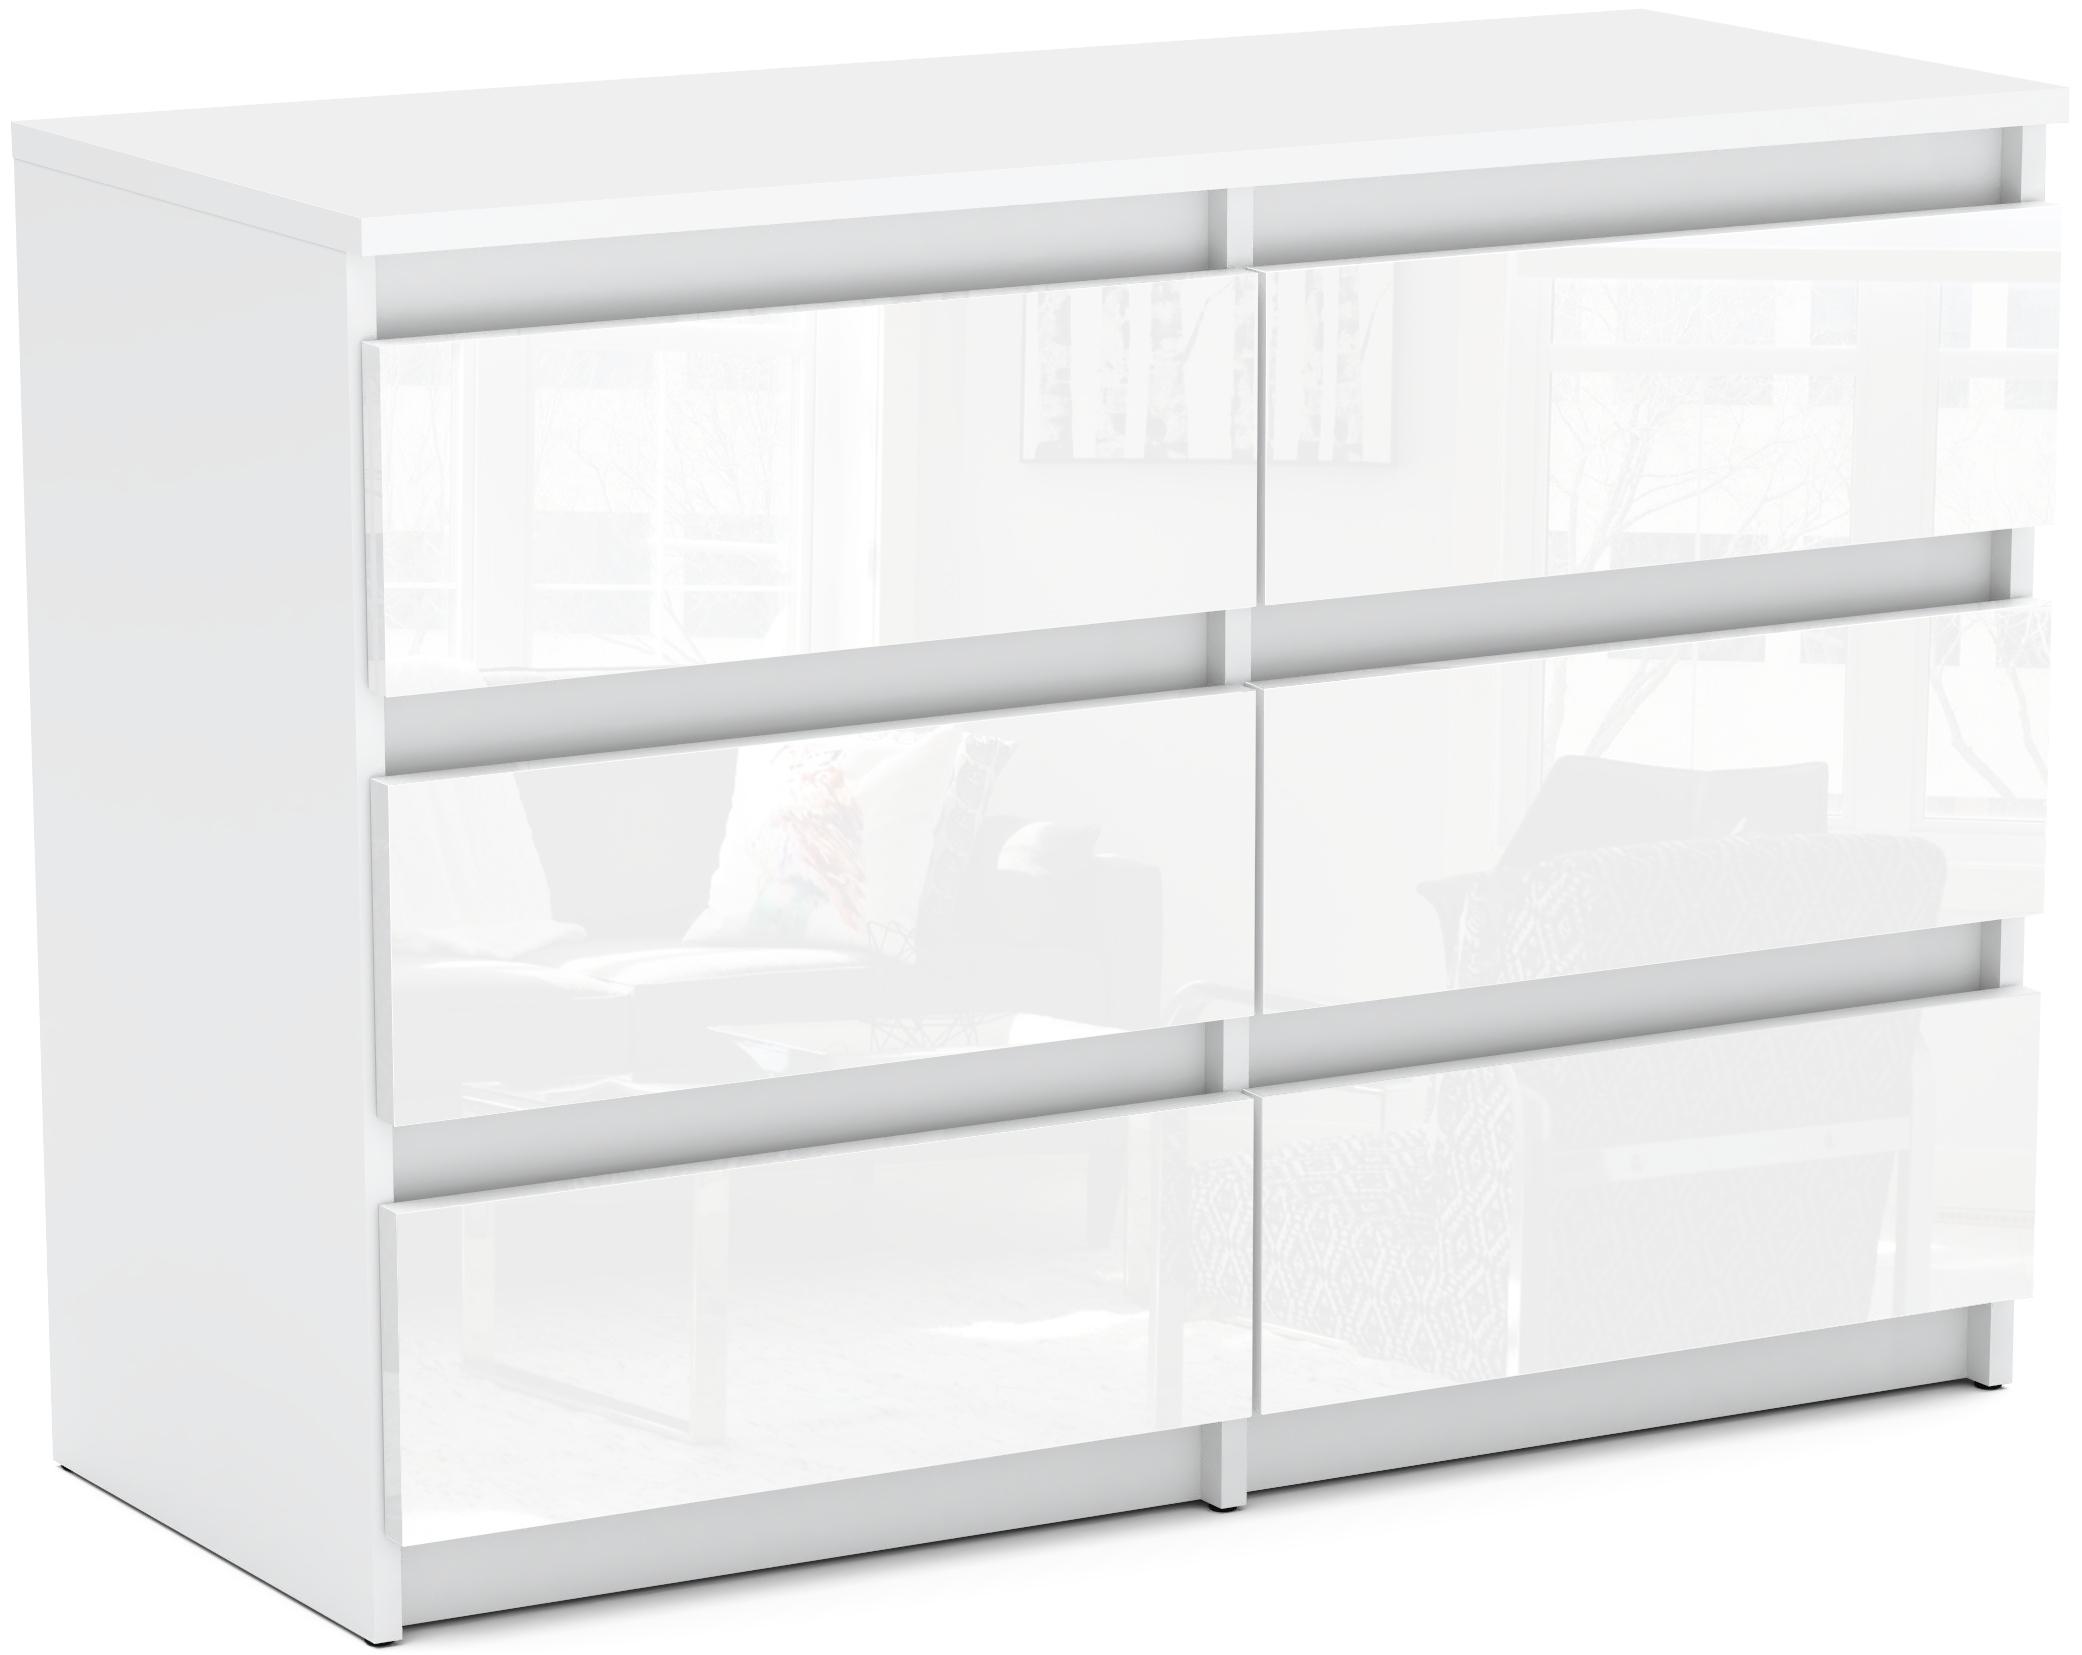 Комод с 6 ящиками GLOSS WHITE шкаф ДОСТАВКА 24Ч